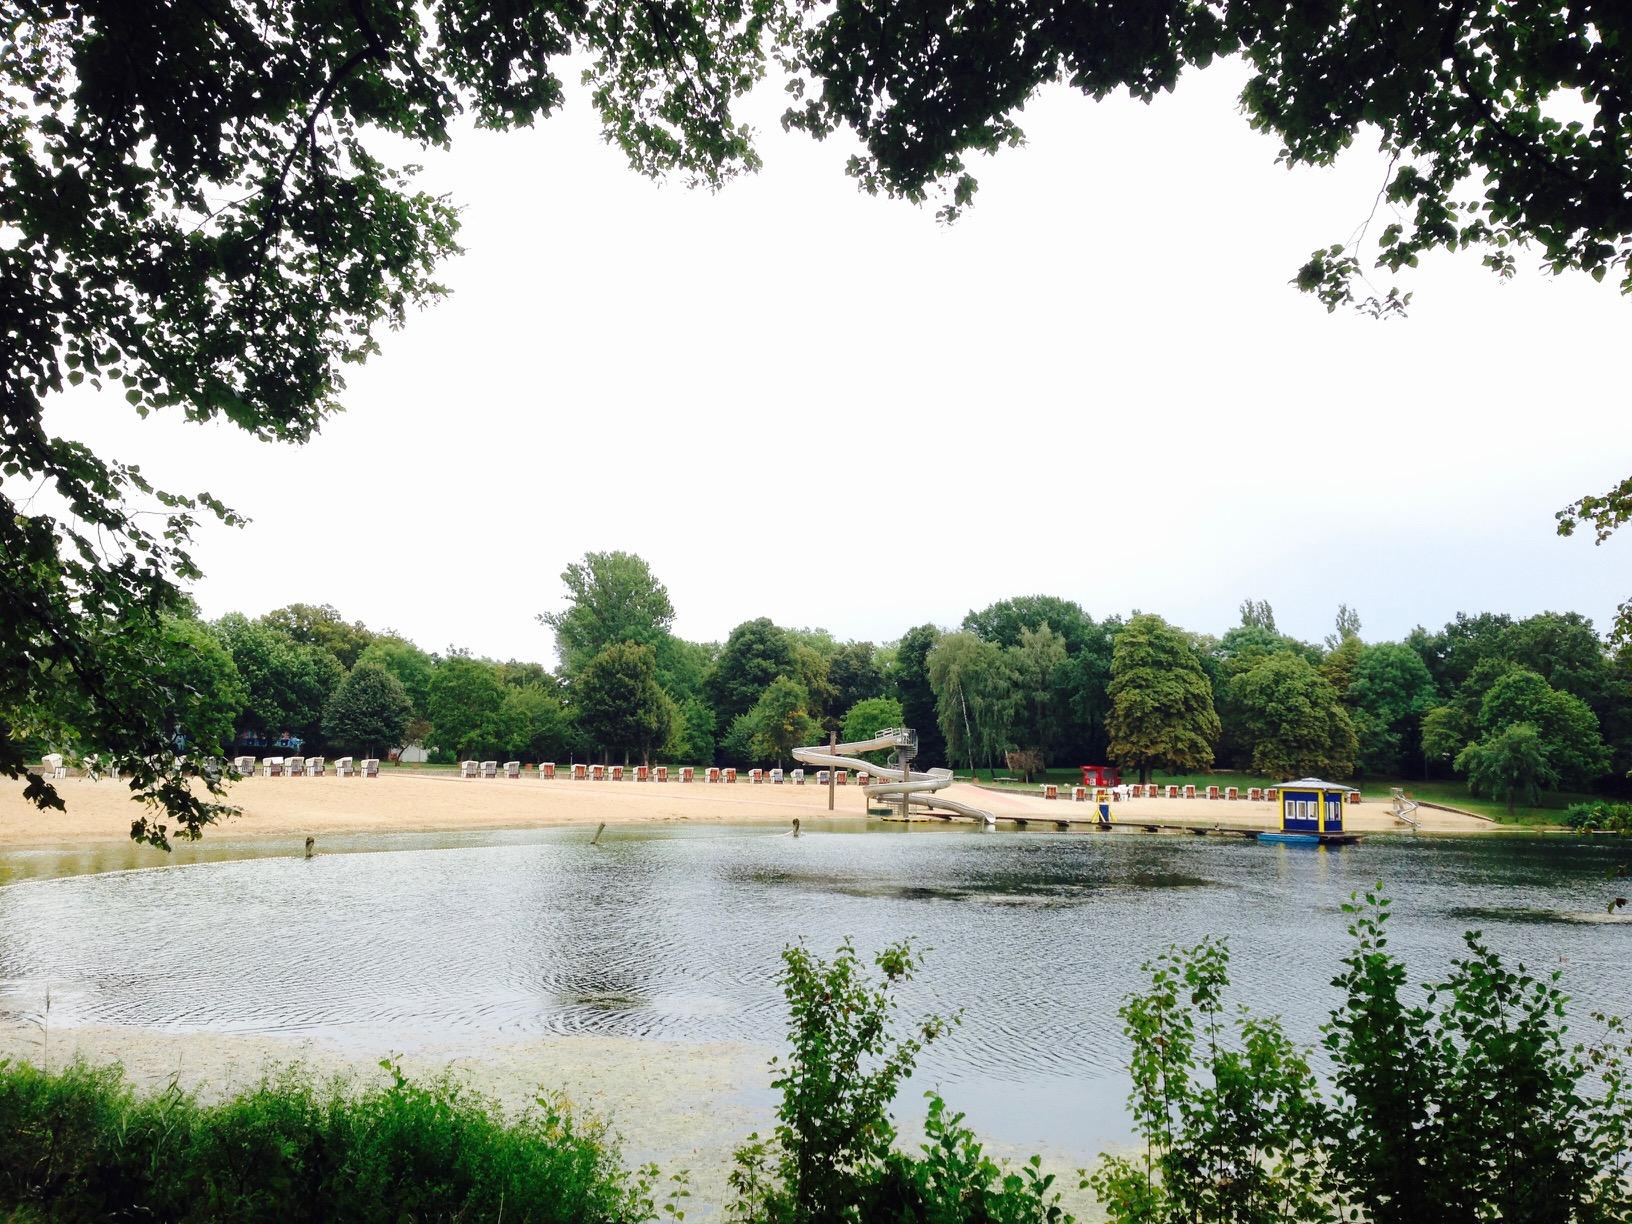 Blick auf das Strandbad Orankesee, Berlin Hohenschönhausen